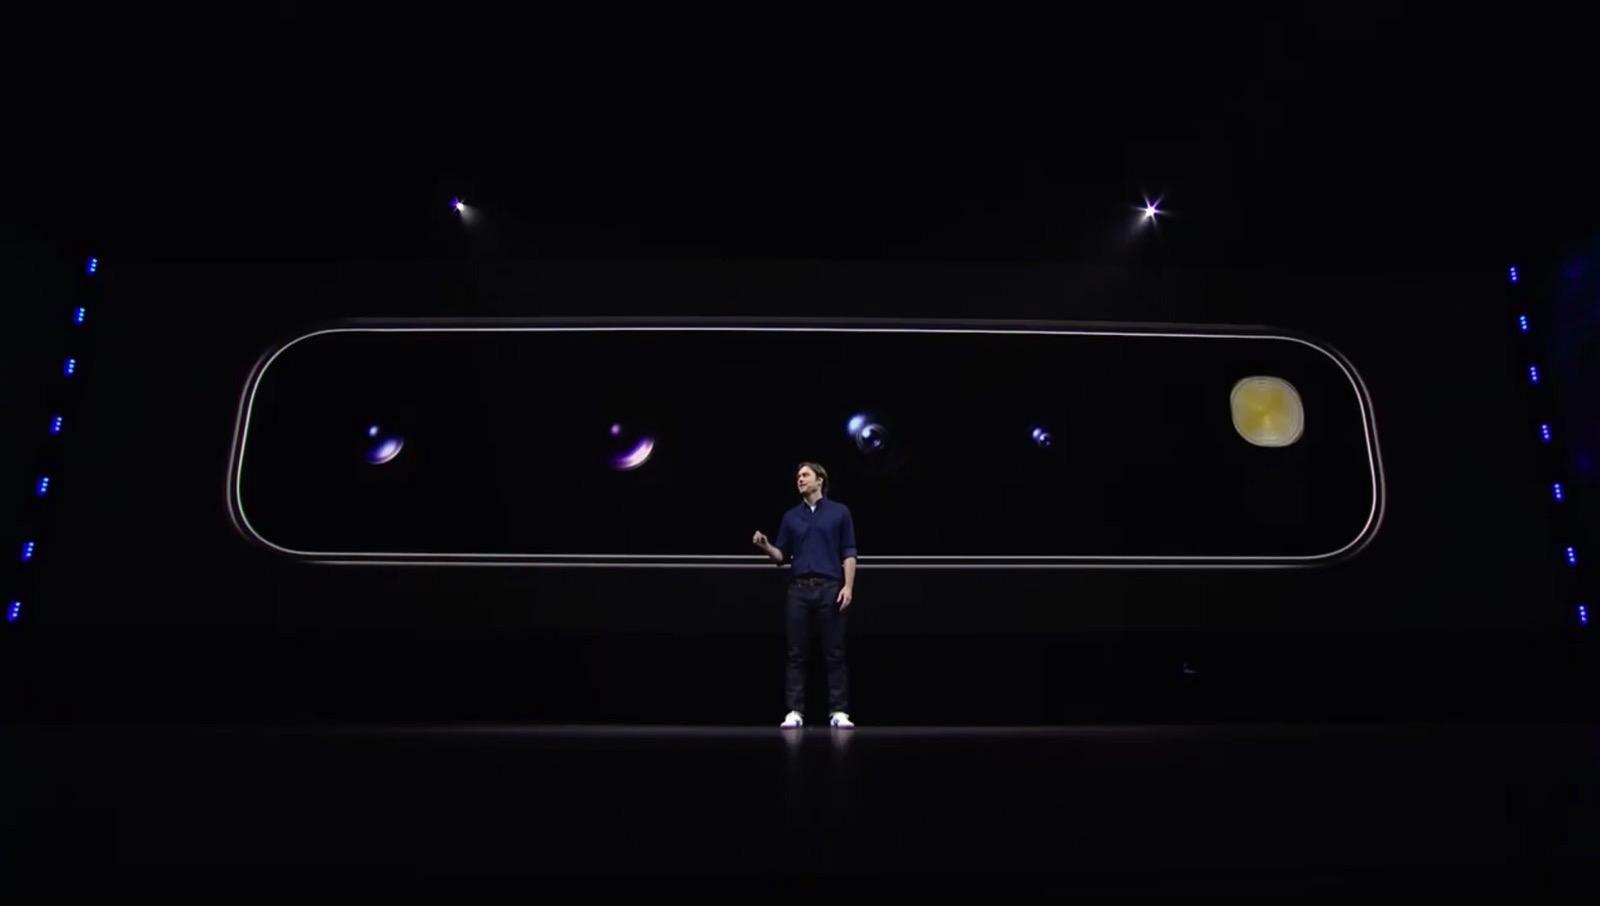 Samsung-Galaxy-S10-5G-02.jpg